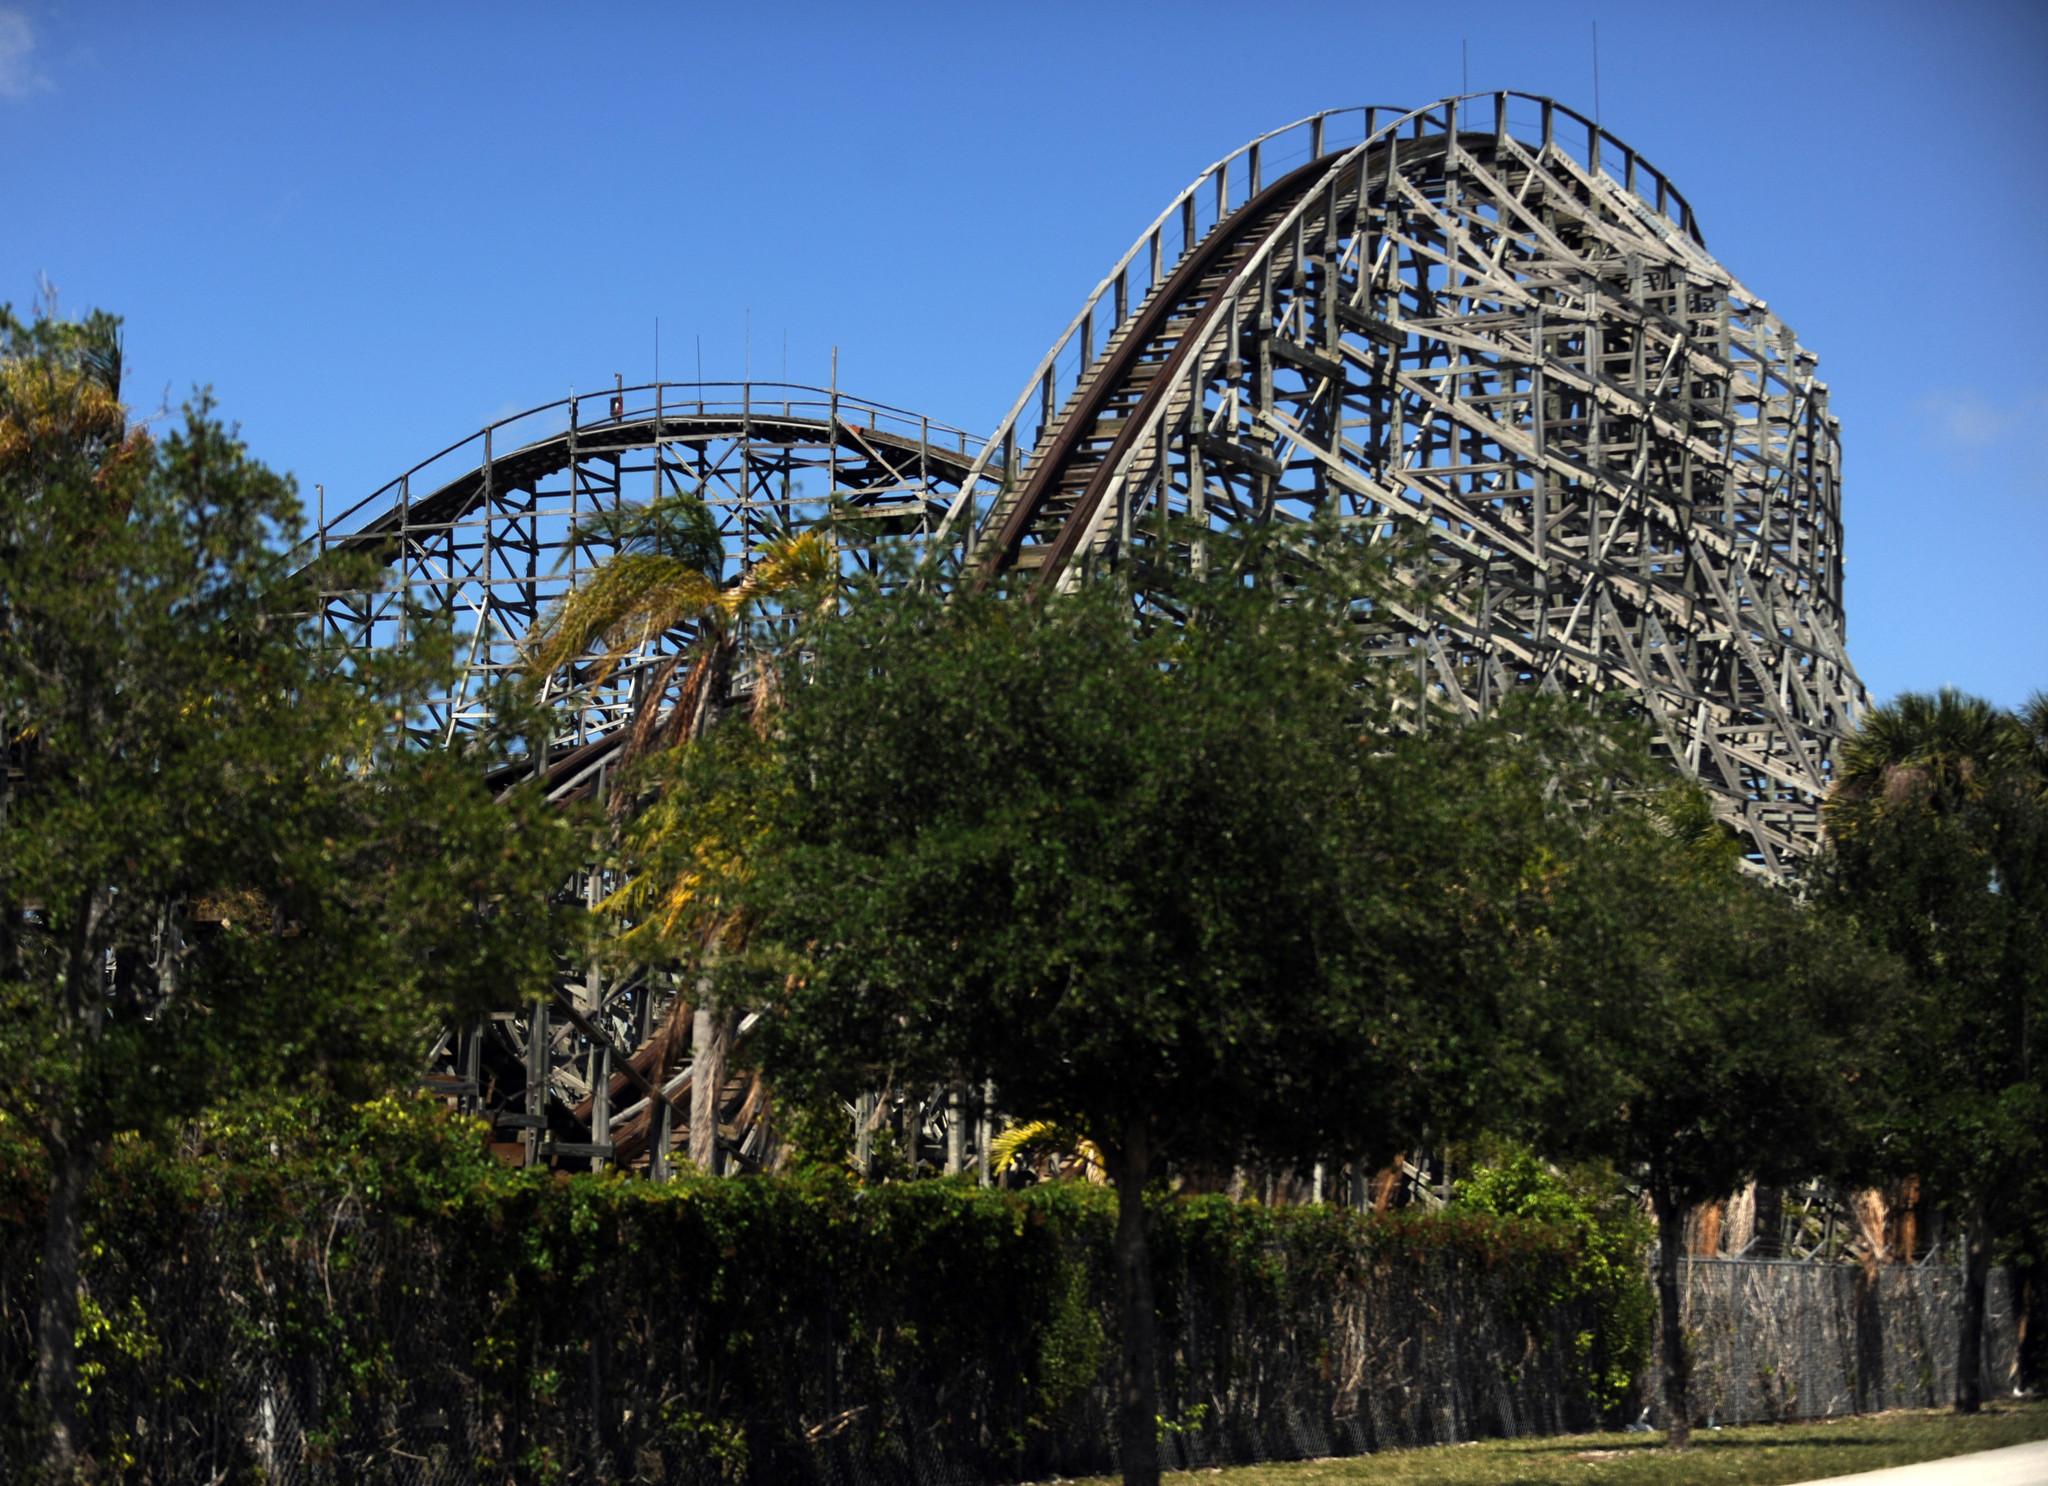 beach roller coaster - photo #9